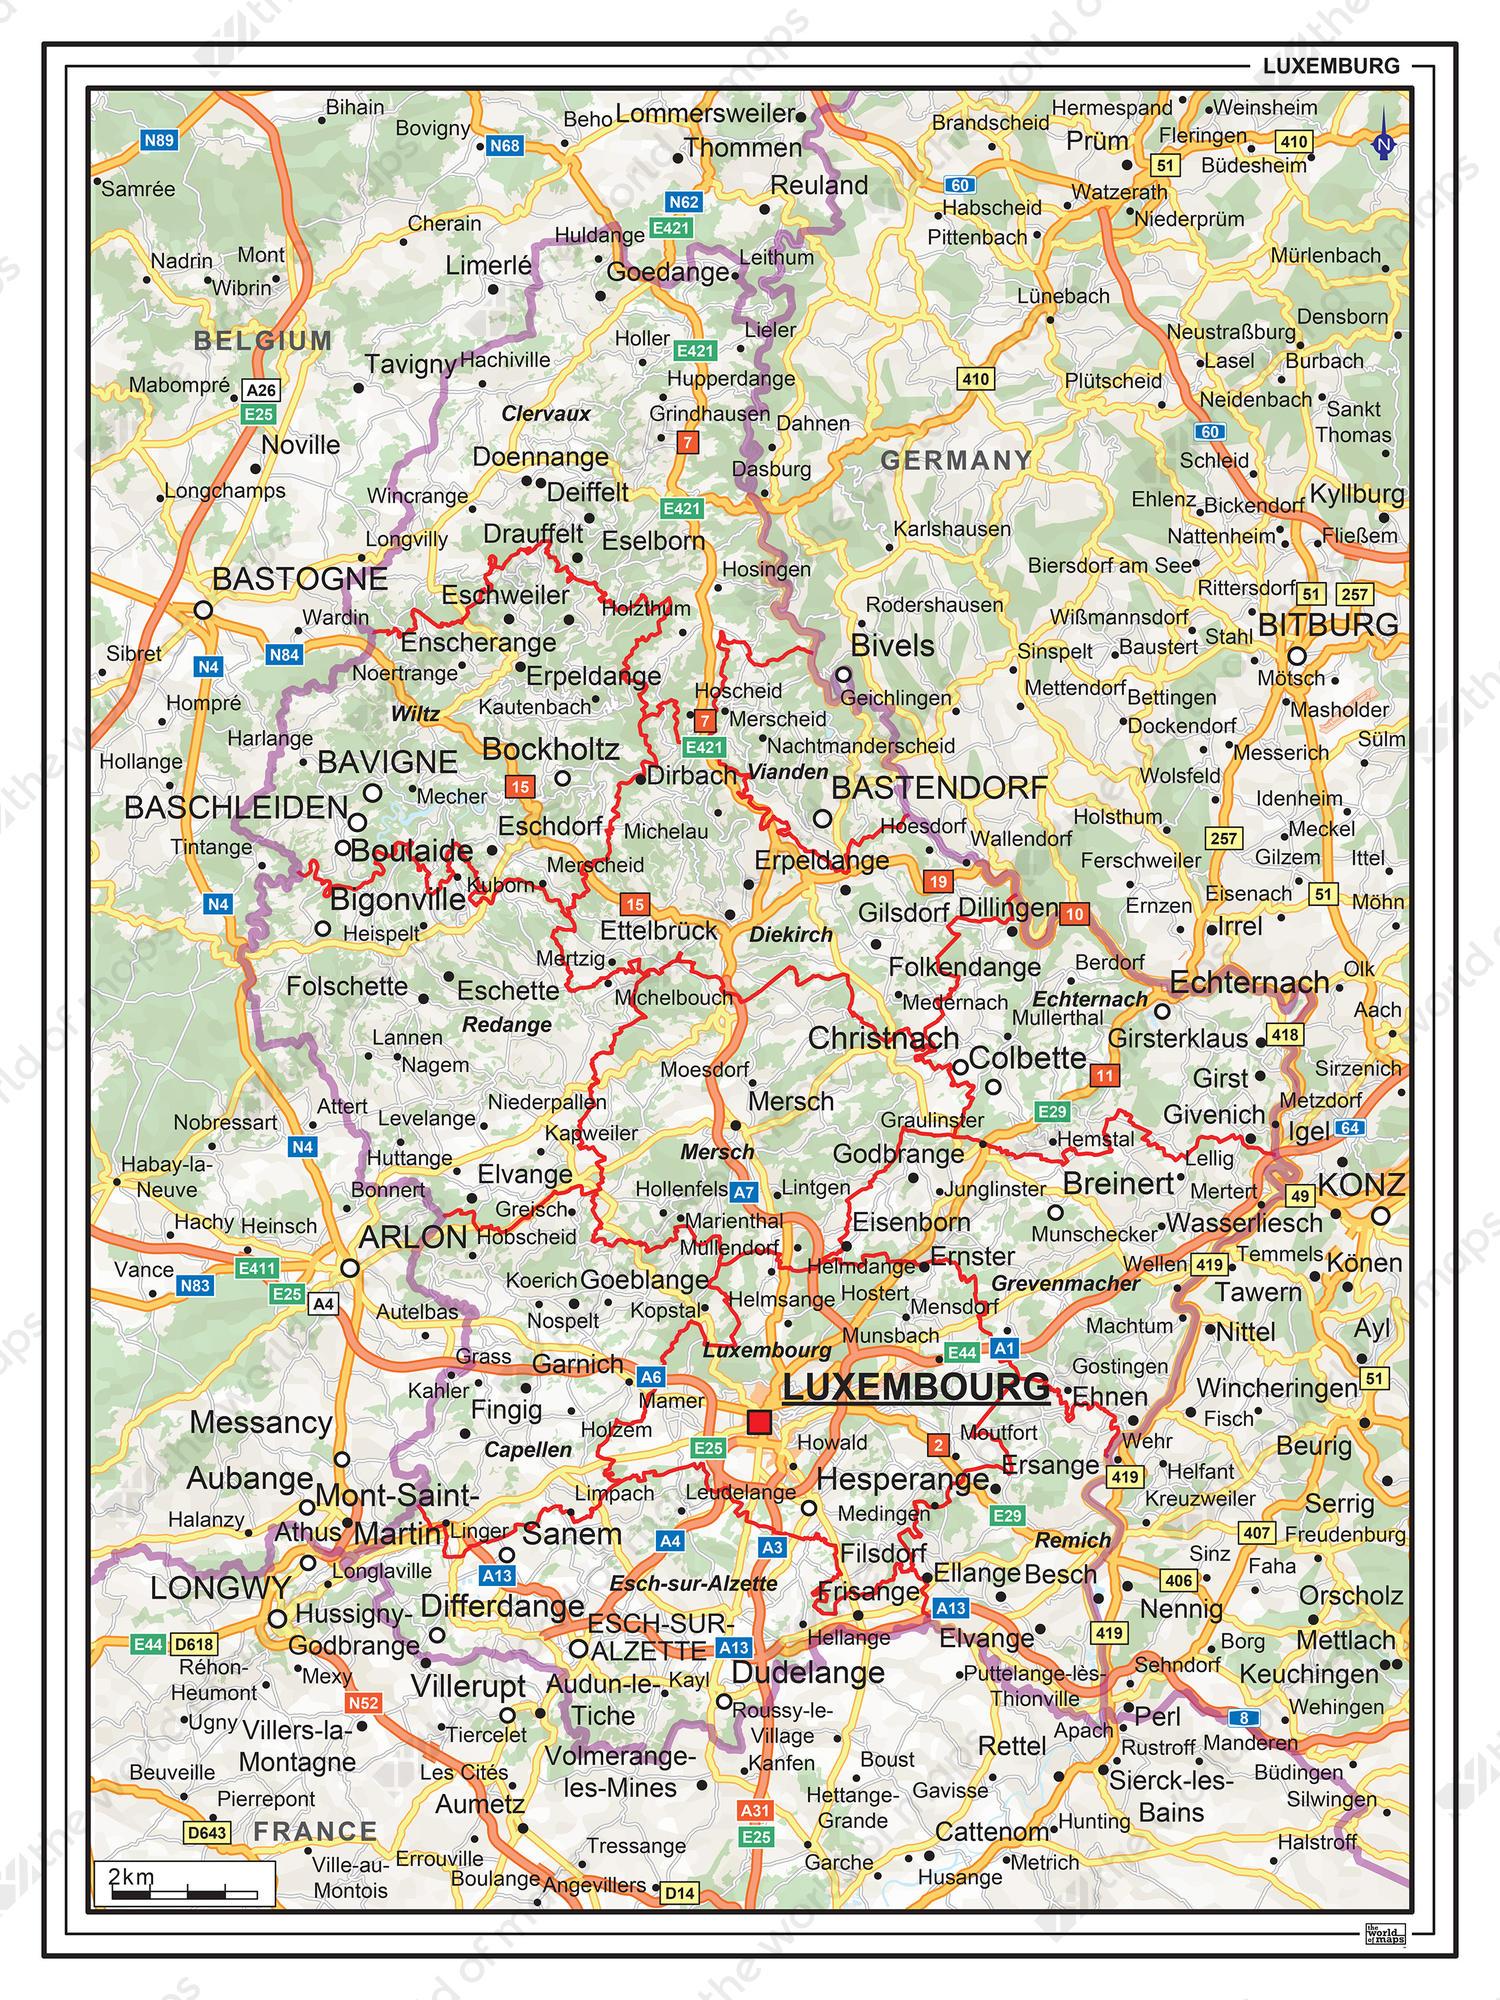 Digital Roadmap Luxembourg